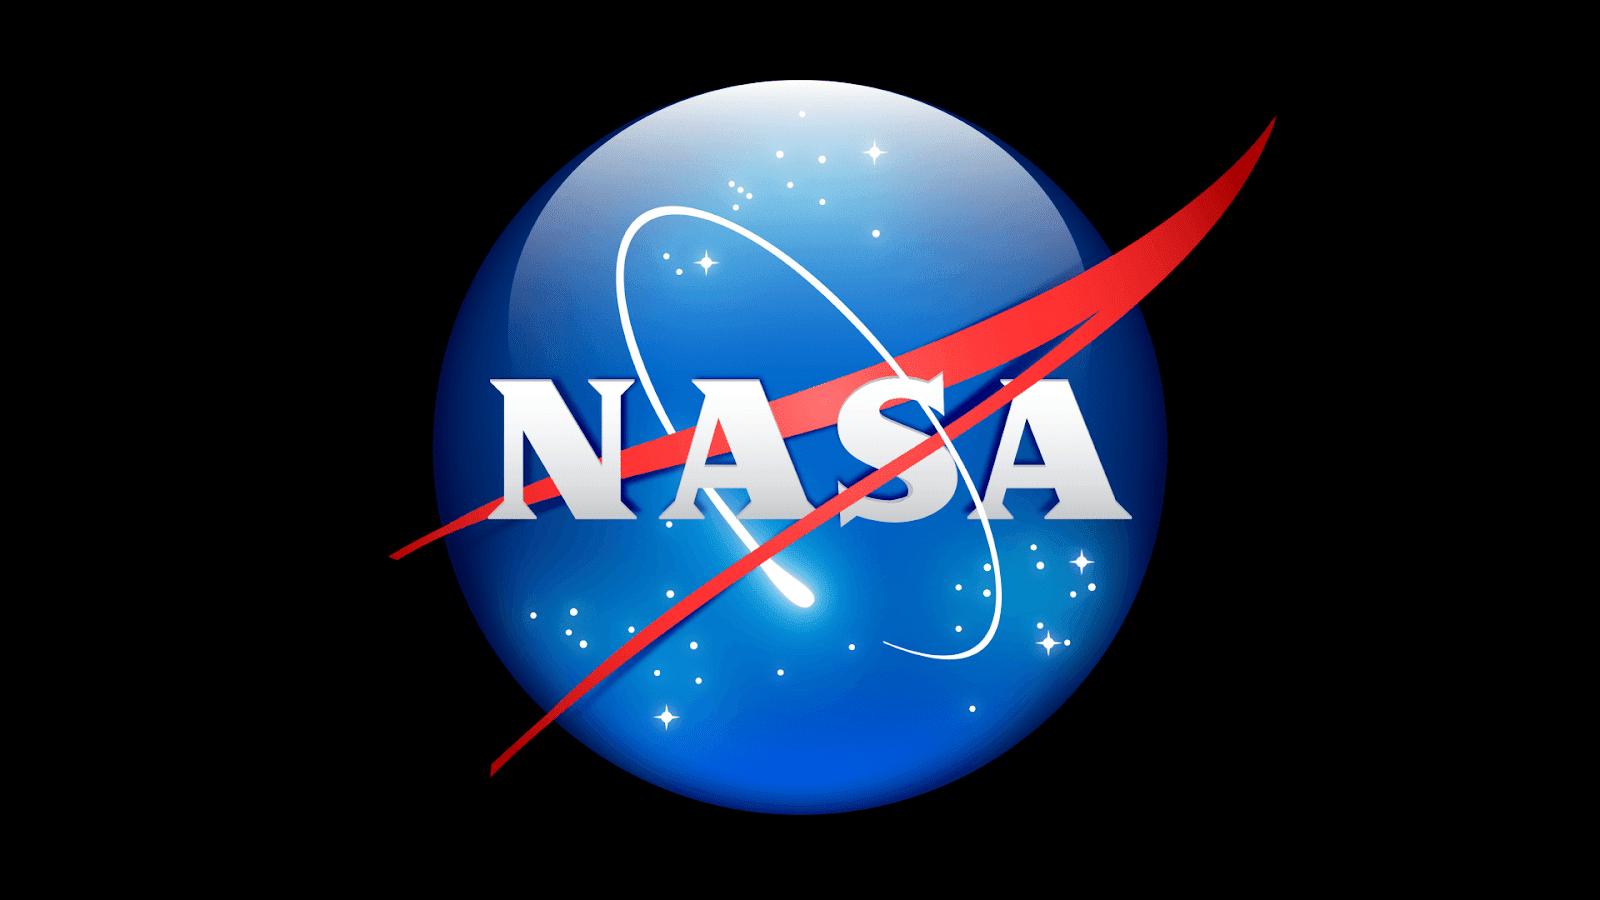 En Önemli Uzay Gelişmeleri Nelerdi?